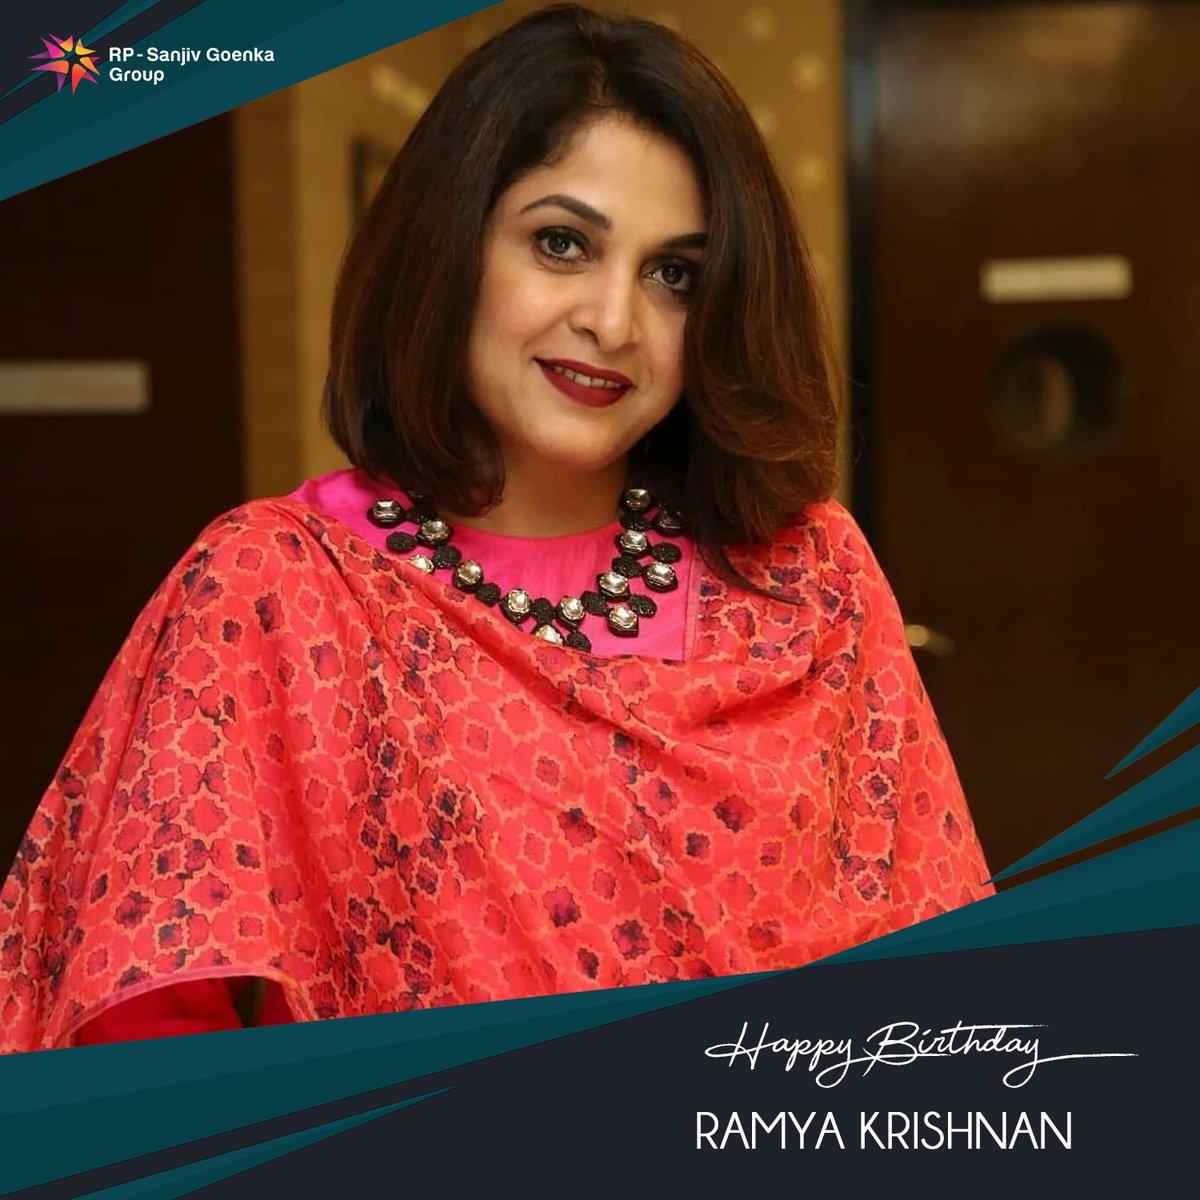 Birthday wishes to ever gorgeous @meramyakrishnan   #SaregamaWishes #HBDRamyakrishnan #HappyBirthdayRamyaKrishnan https://t.co/l9VtXm5BYS